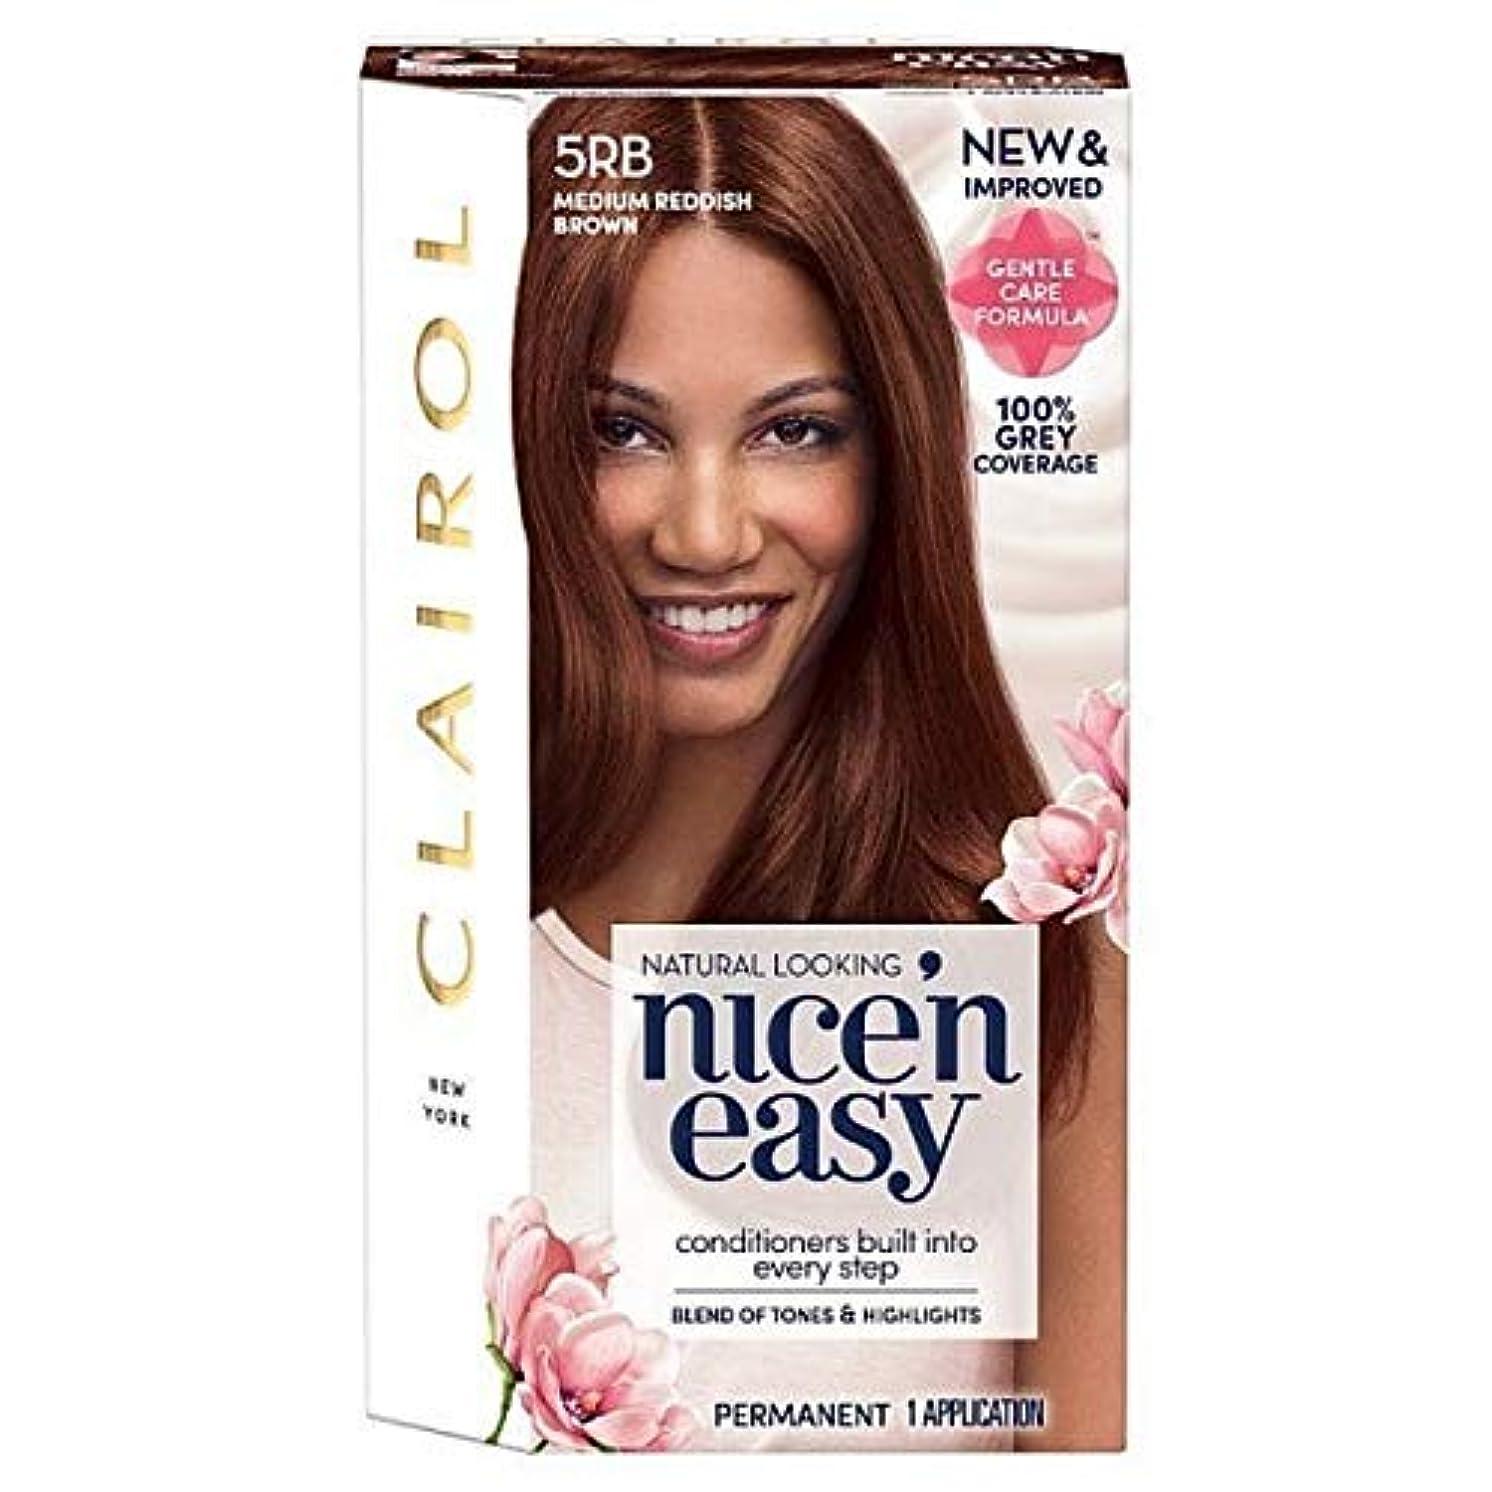 名門頑固なヒット[Nice'n Easy] 簡単5Rb中赤褐色Nice'N - Nice'n Easy 5Rb Medium Reddish Brown [並行輸入品]